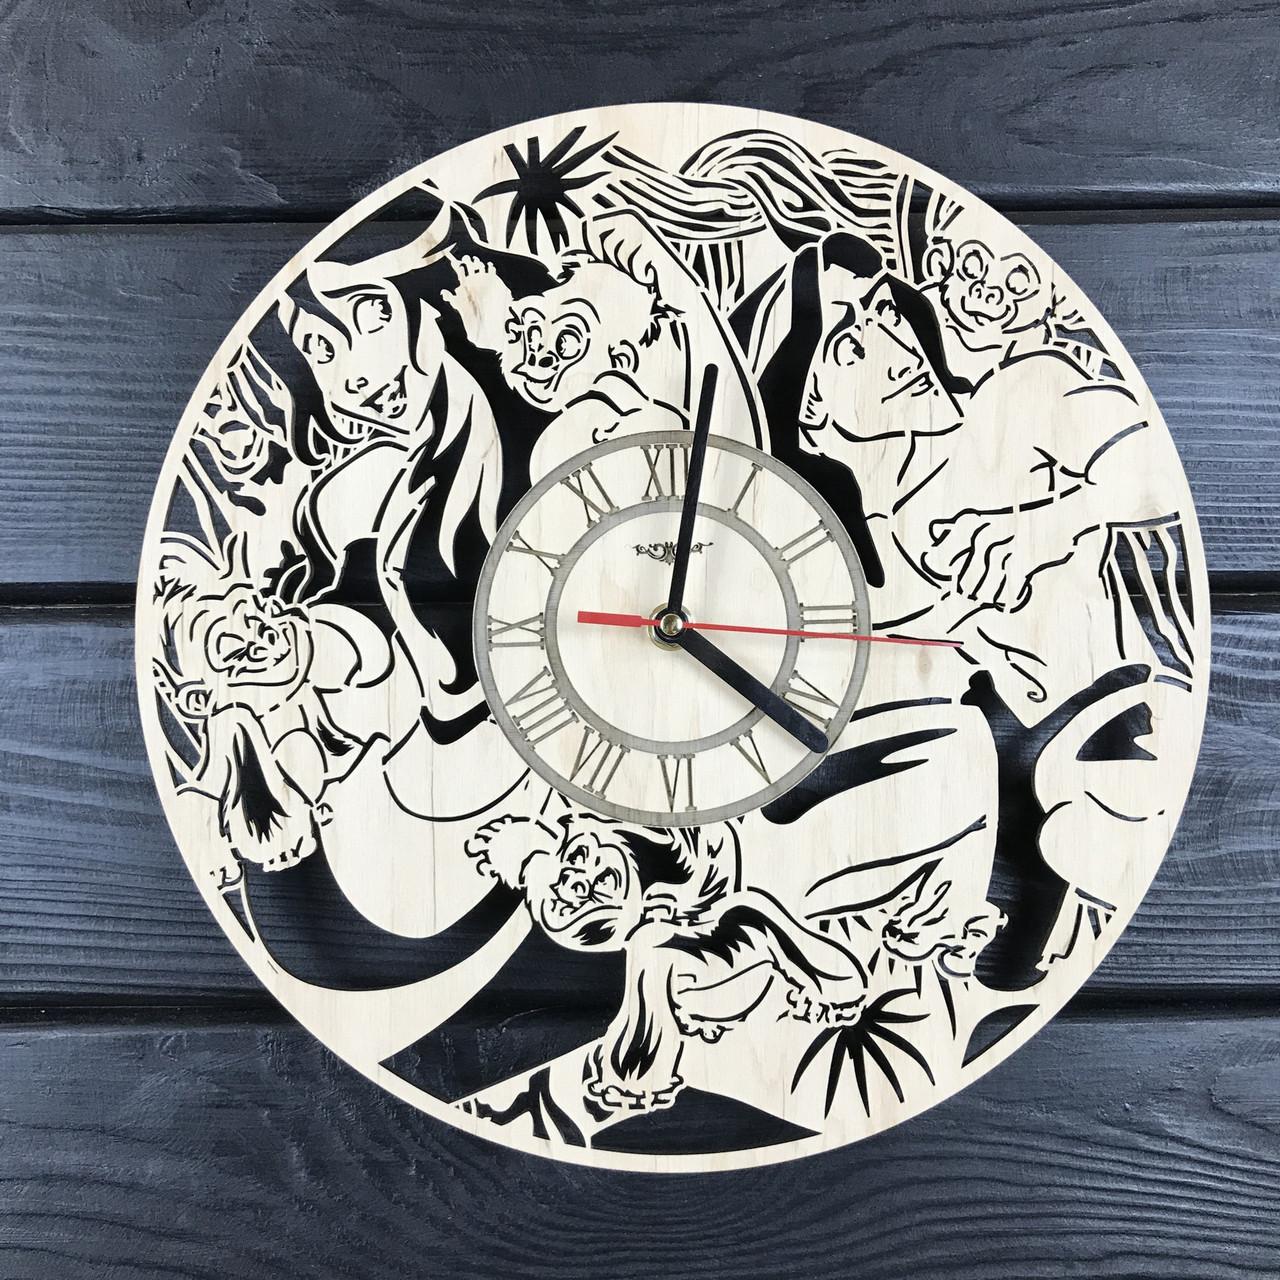 Детские интерьерные часы на стену «Тарзан и его друзья»